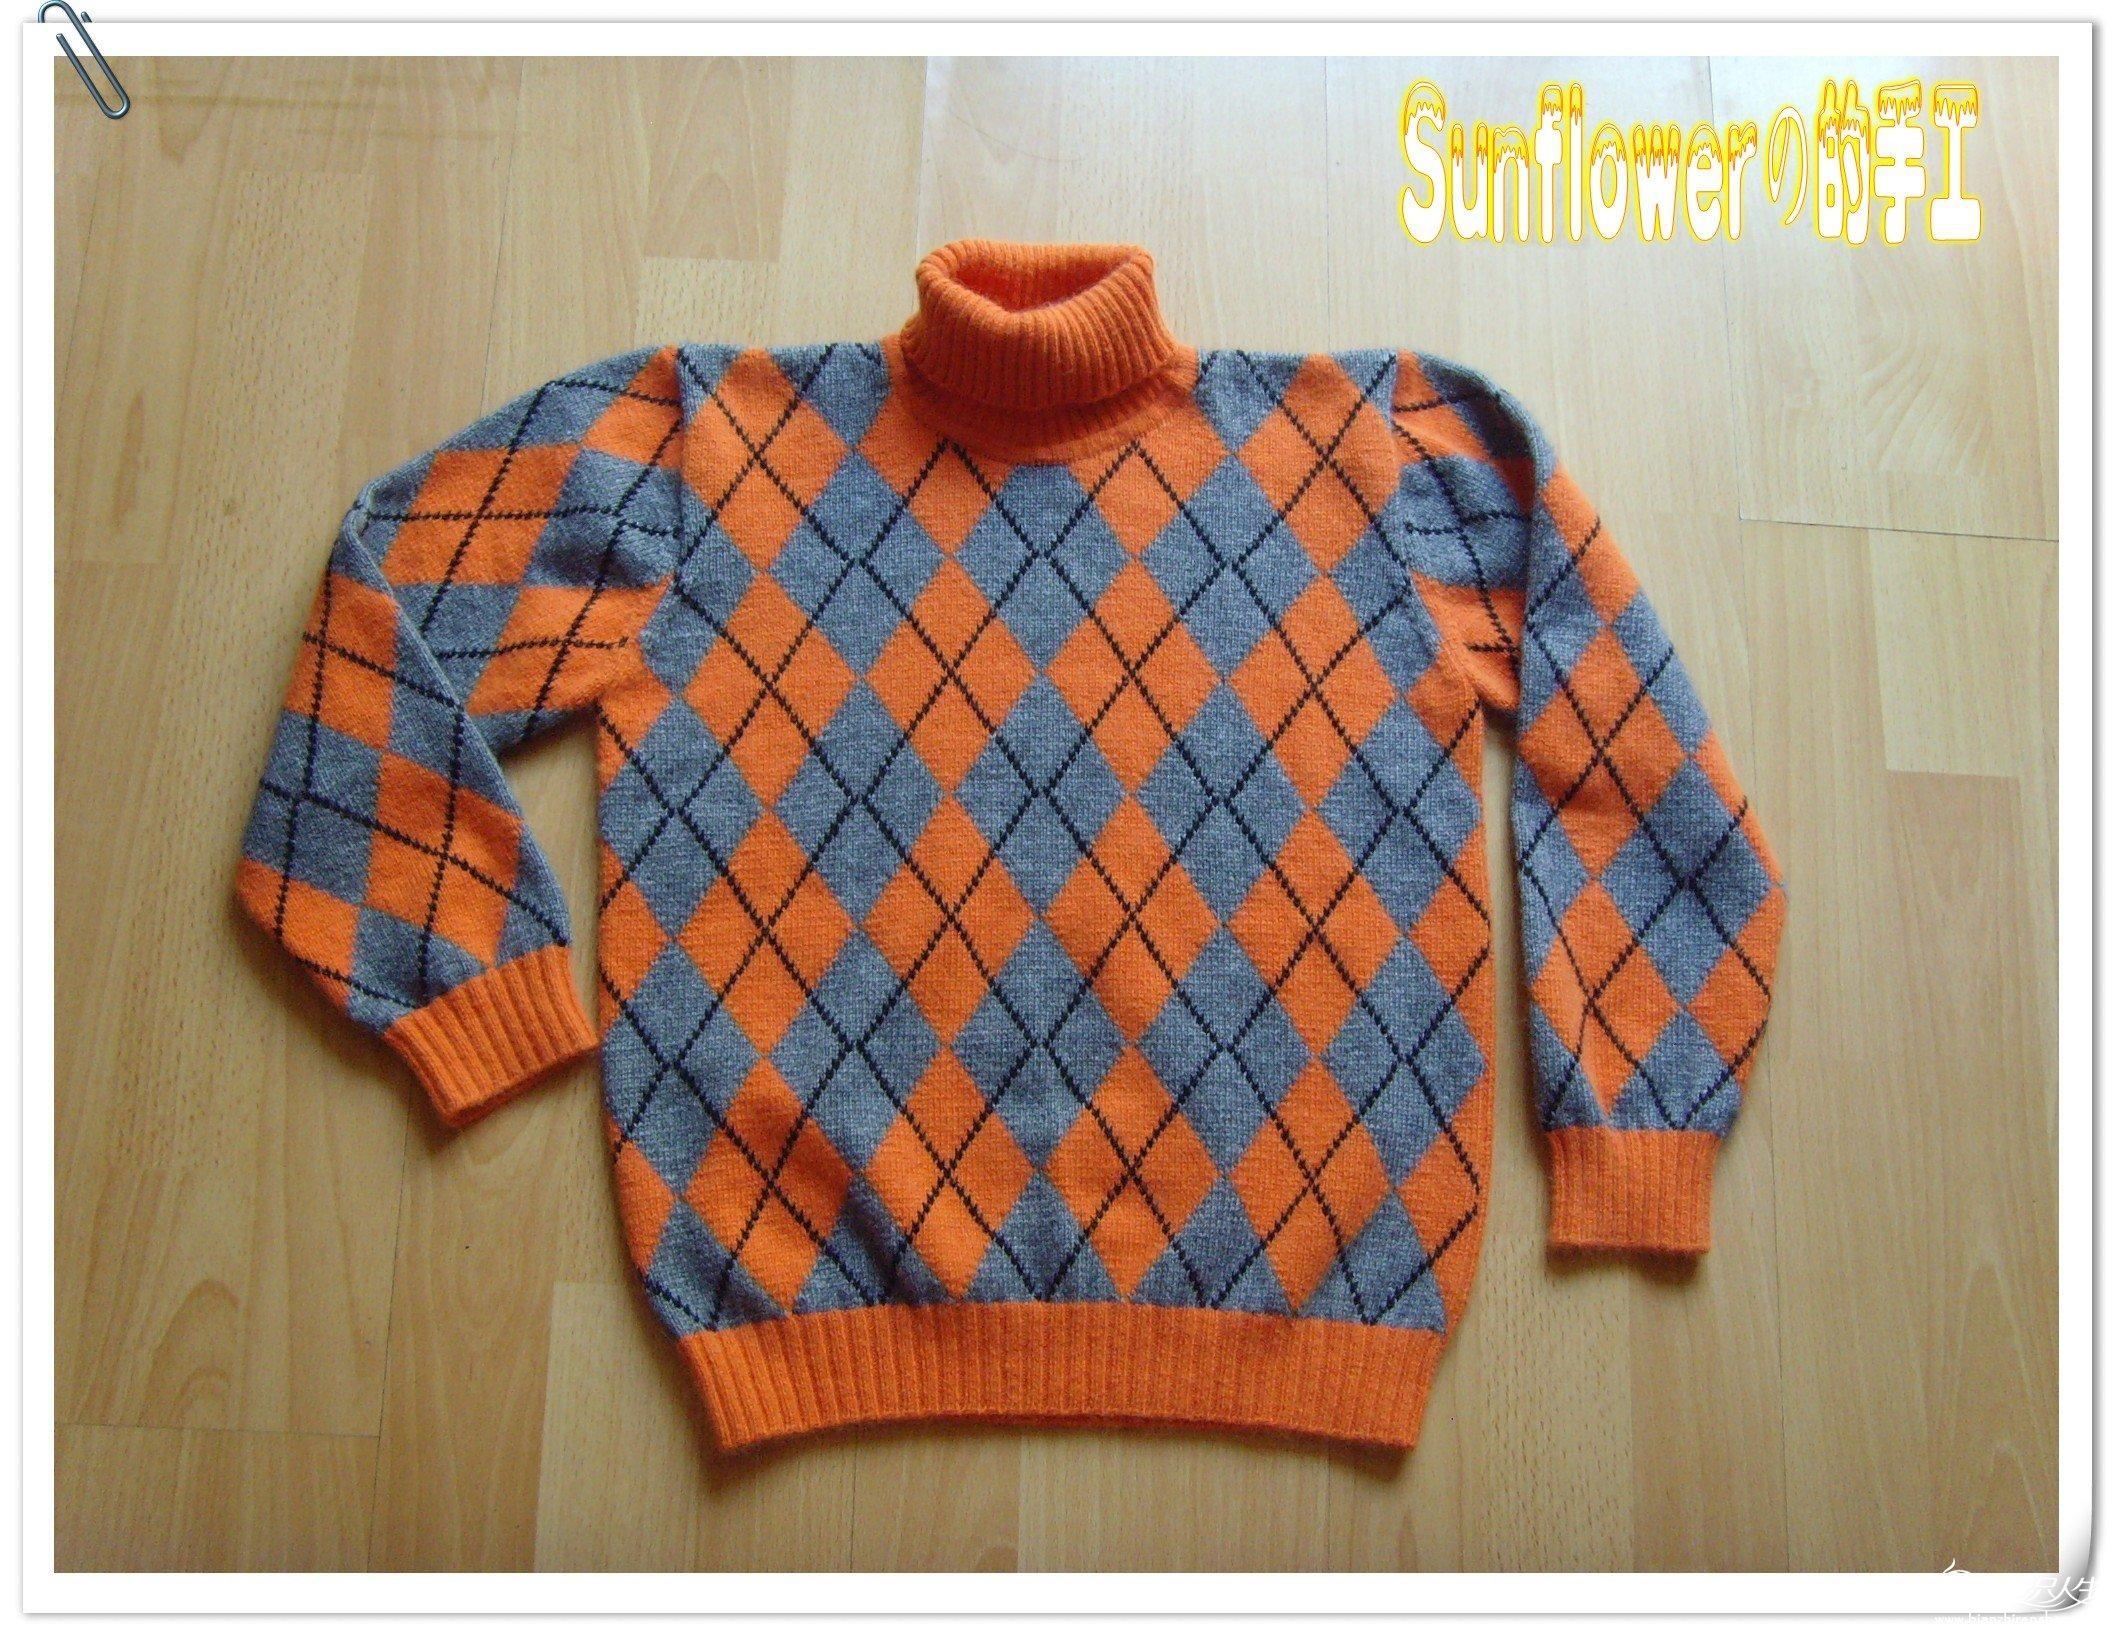 双色菱形儿童羊绒毛衣(有详细的编织说明)